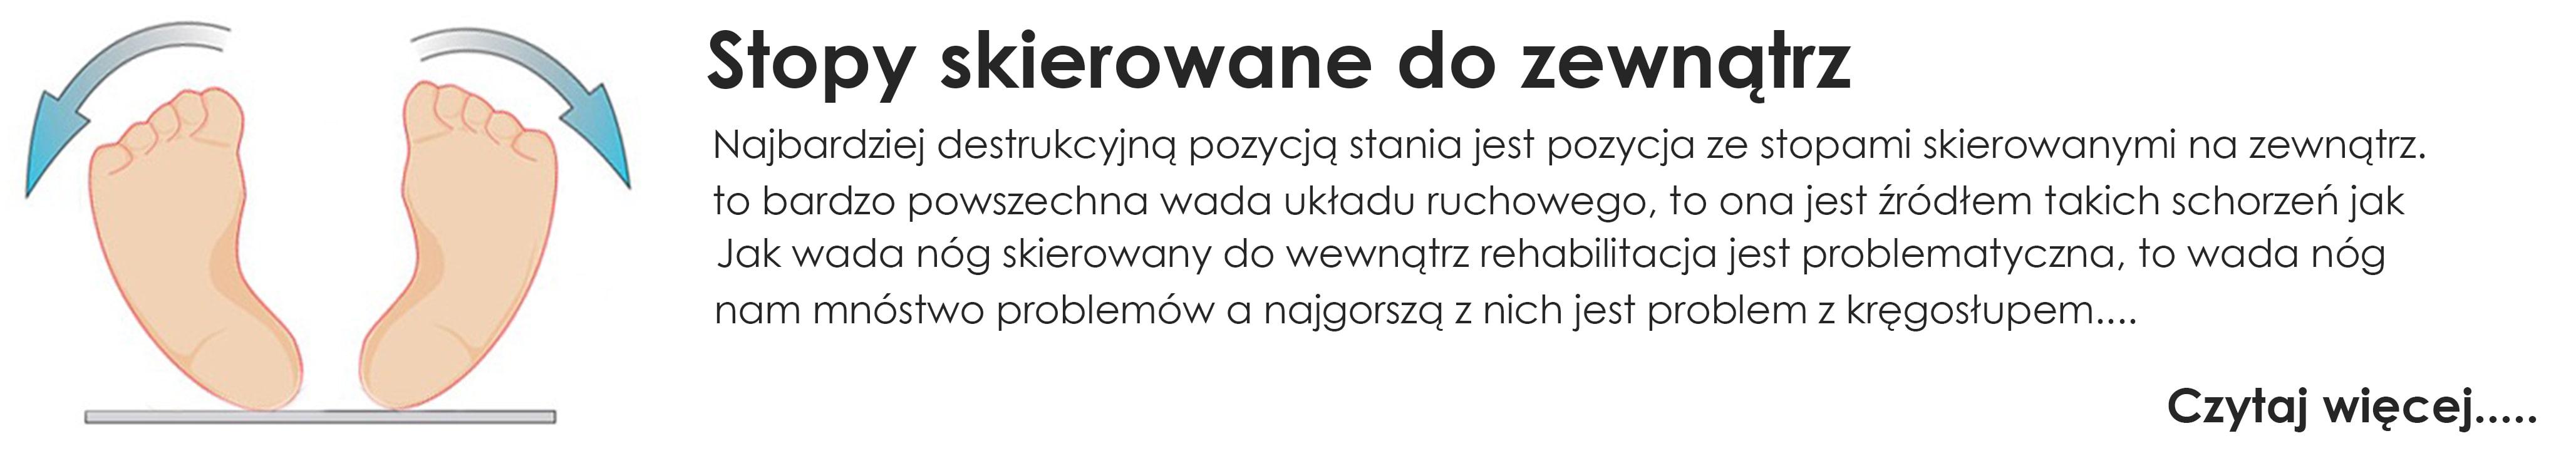 https://dlastopy.pl/blog/news/stopy-skierowane-do-zewnatrz